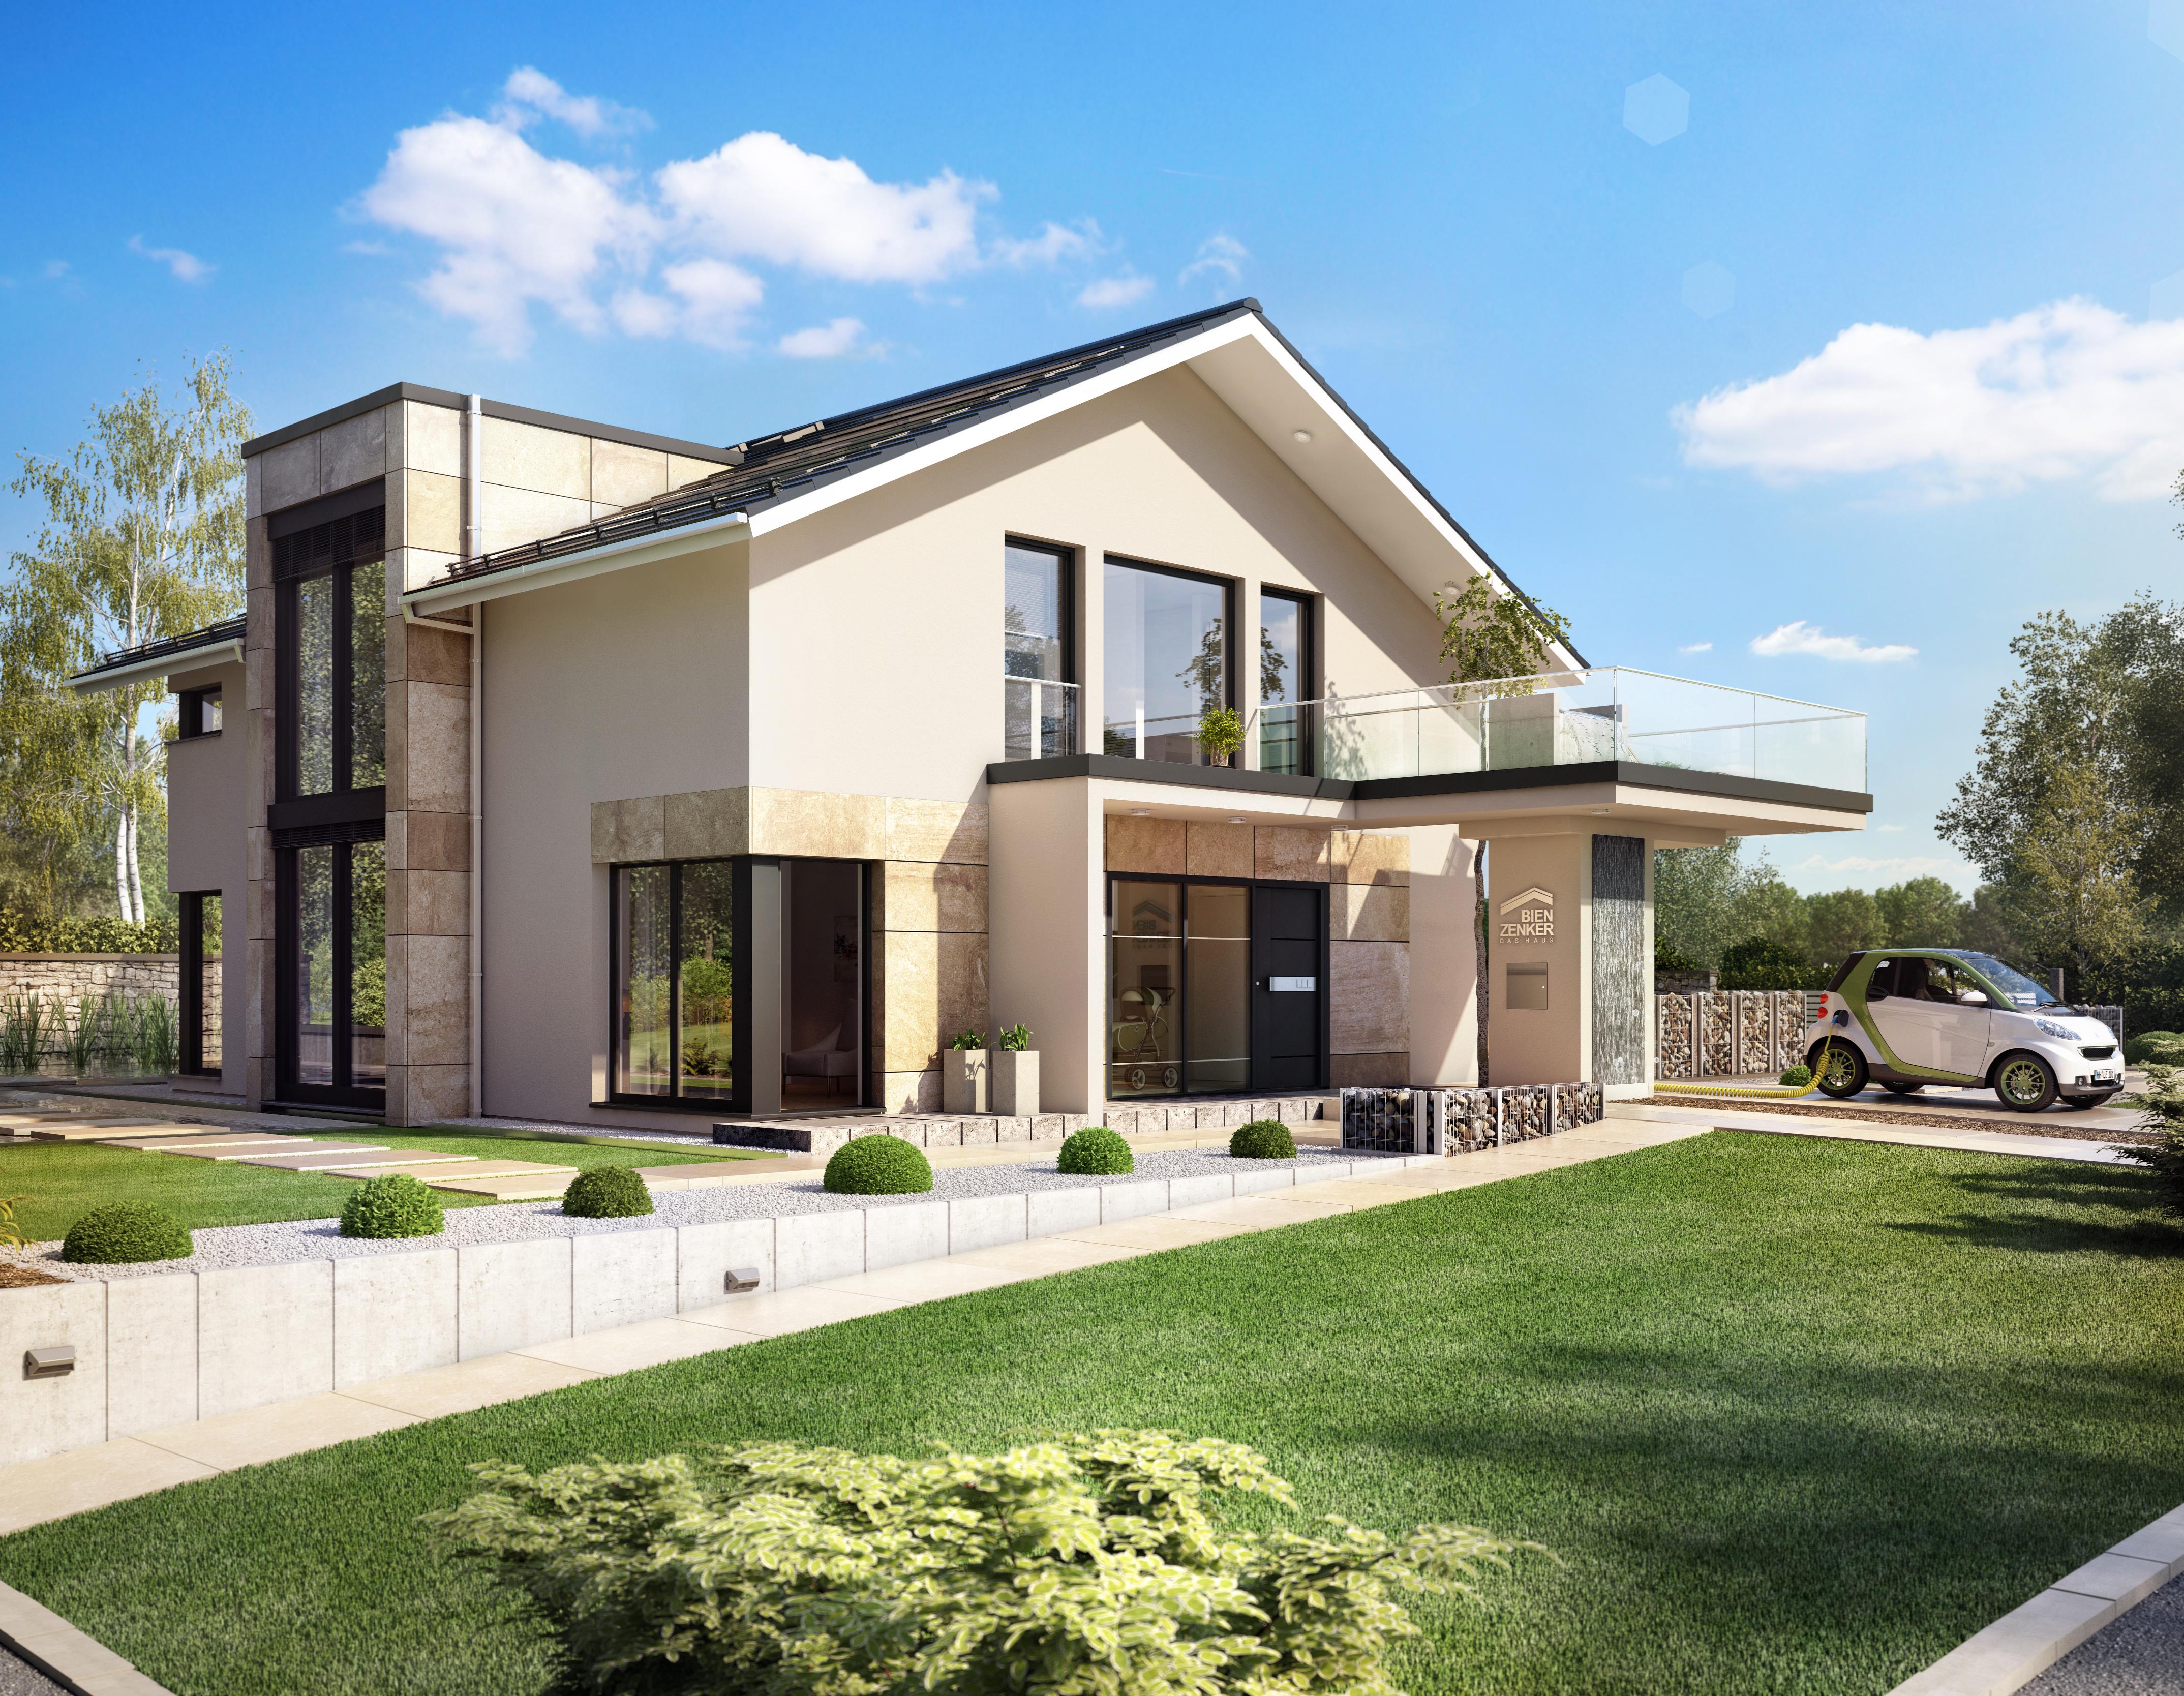 das neue nachhaltige design haus von bien zenker high. Black Bedroom Furniture Sets. Home Design Ideas